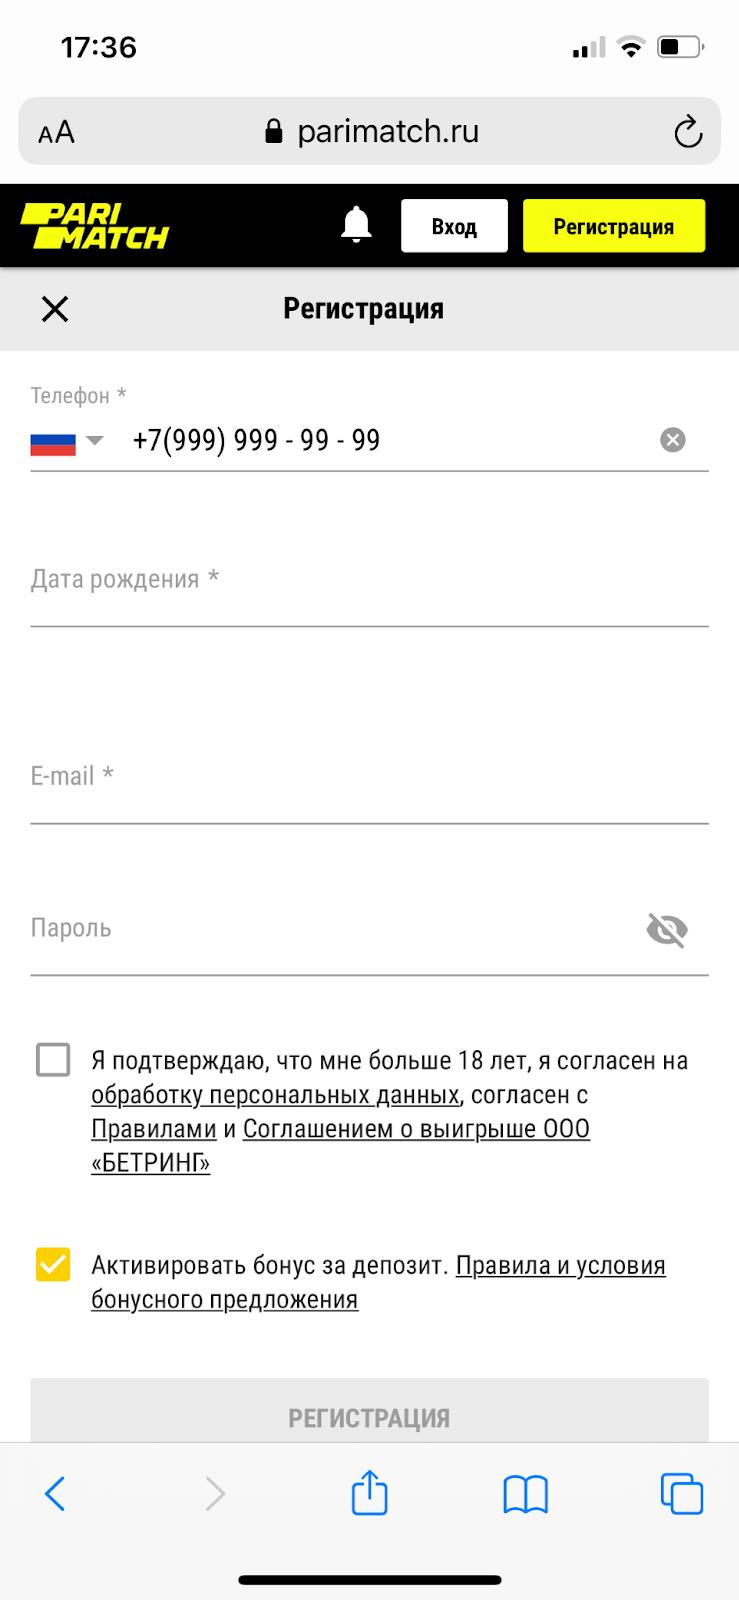 Регистрация в мобильной версии сайта Париматч